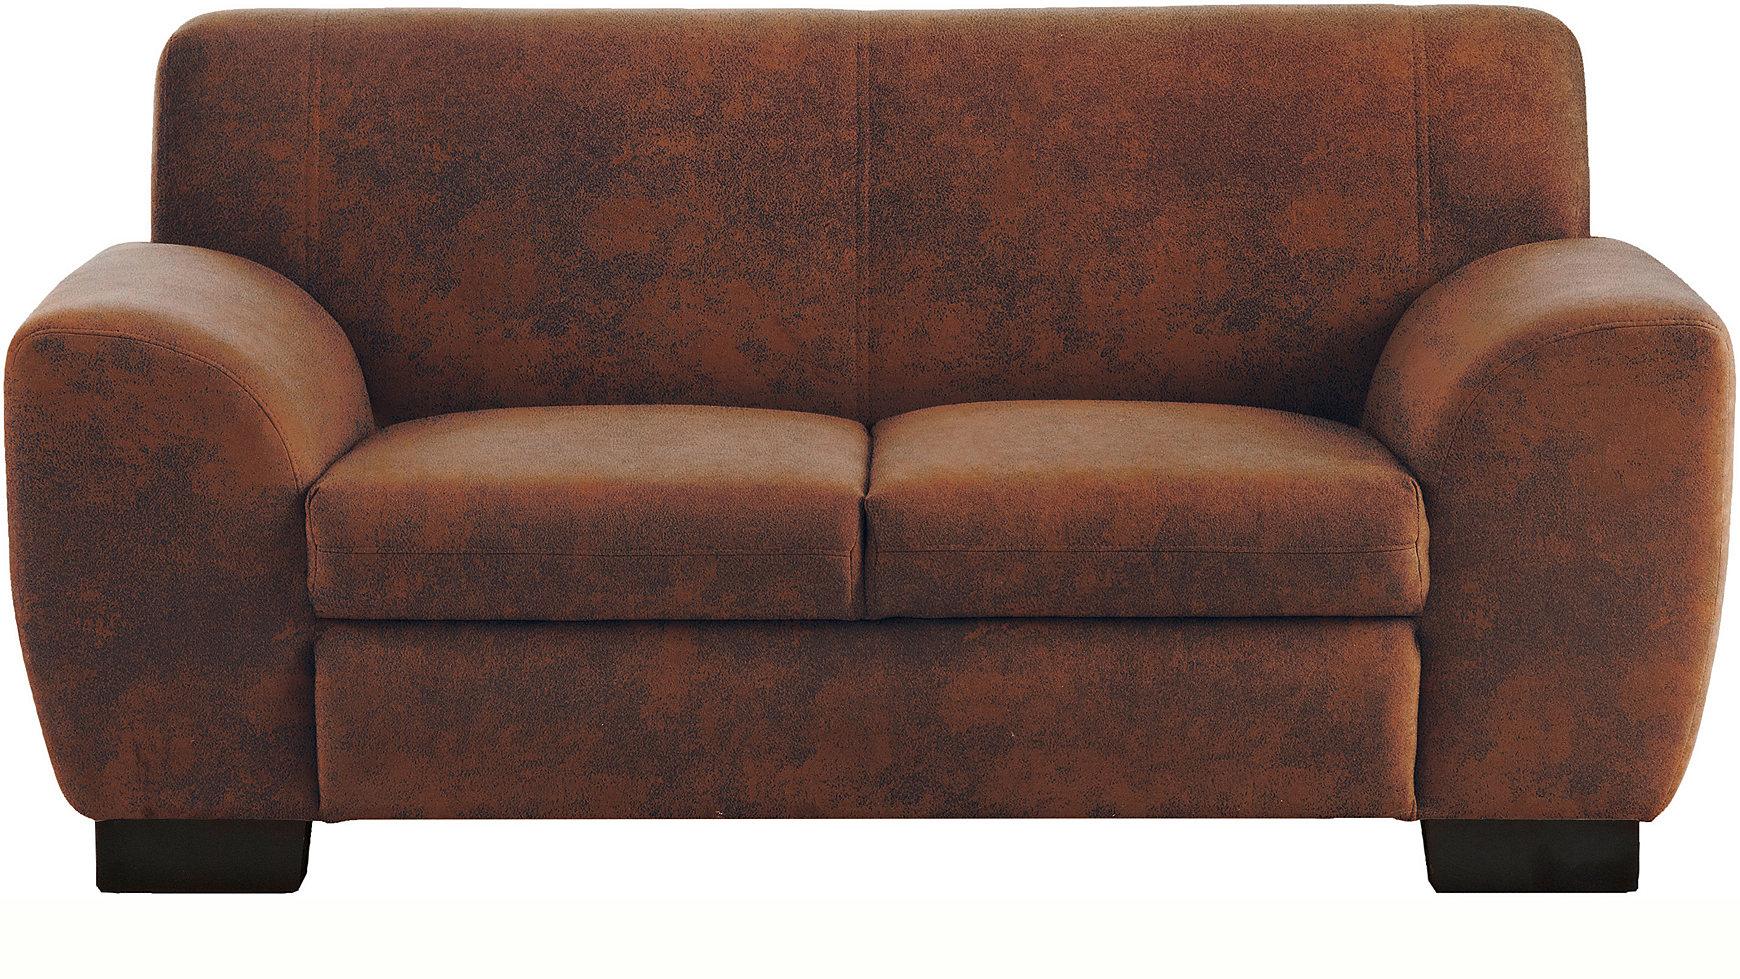 Full Size of Sofa 2 Sitzer Braun   Leder Chesterfield 3 Sitzer Otto 3 2 1 Set Rustikal Vintage Gebraucht Ikea Couch Ledersofa Design Kaufen Sitzer Gemtliches 2er Online Bei Sofa Sofa Leder Braun